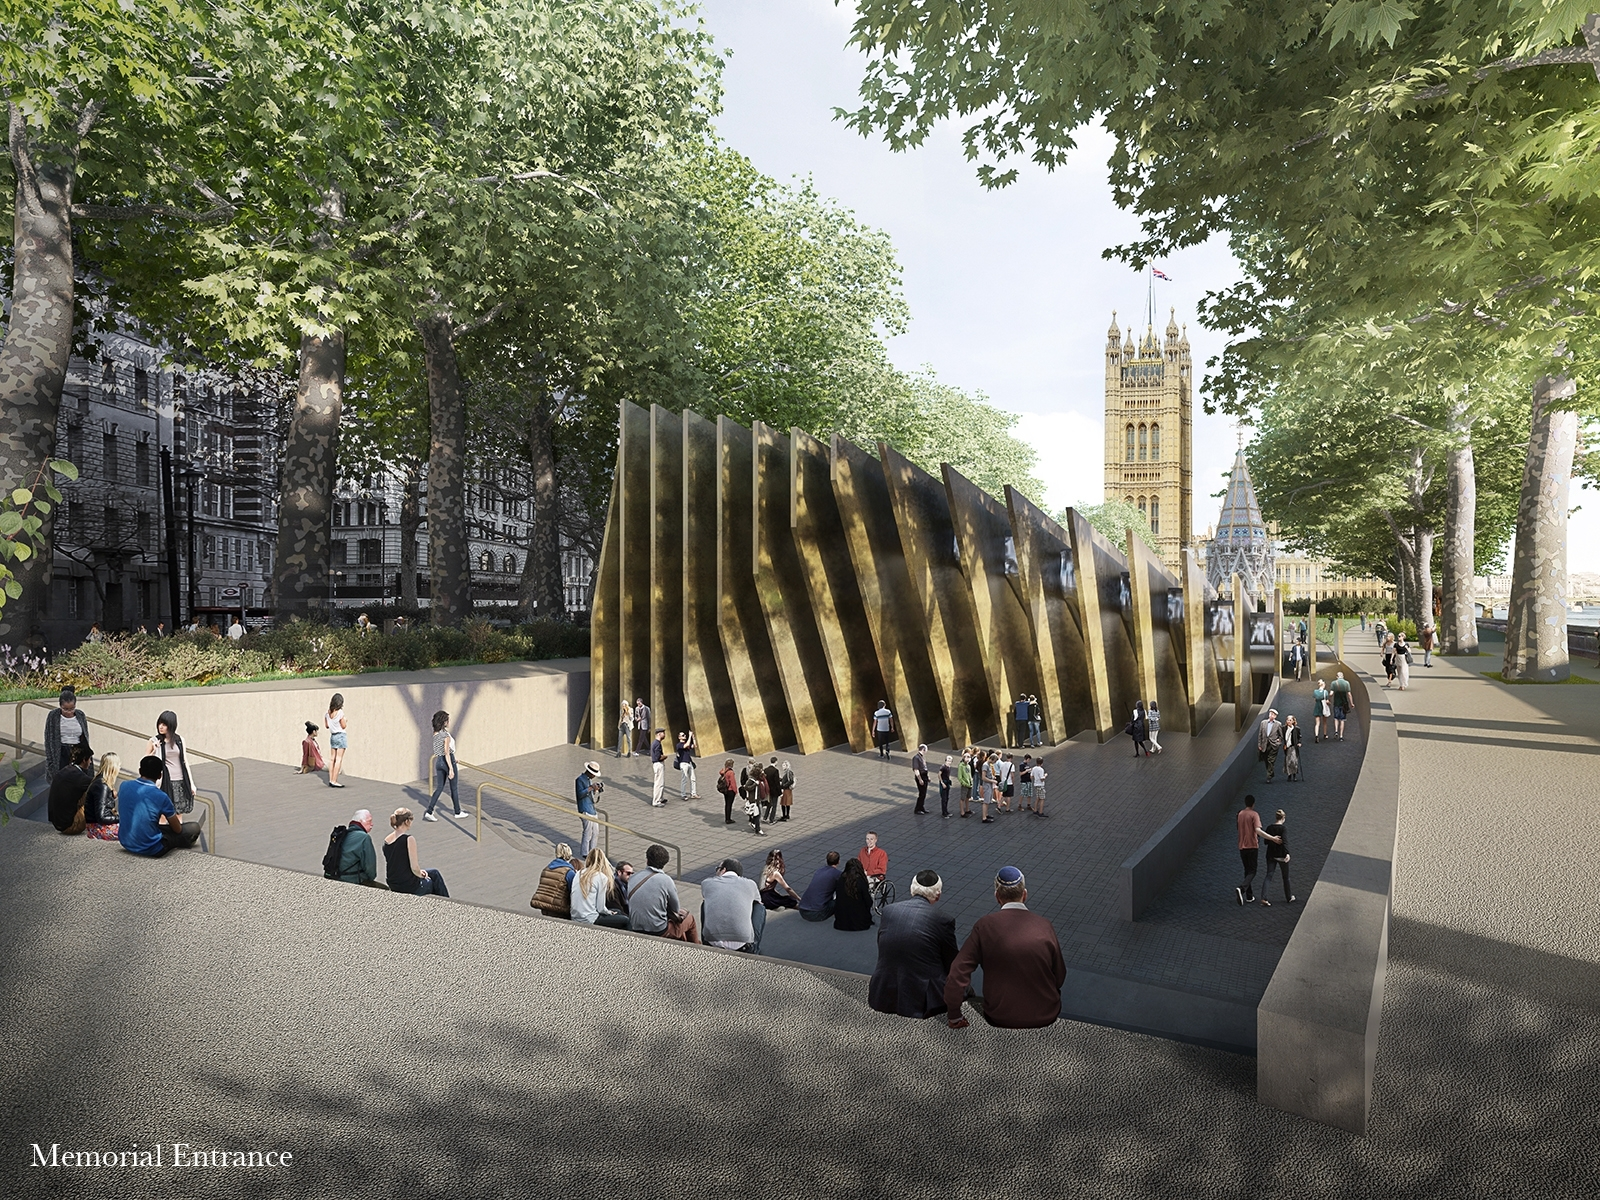 Londons Holocaust memorial